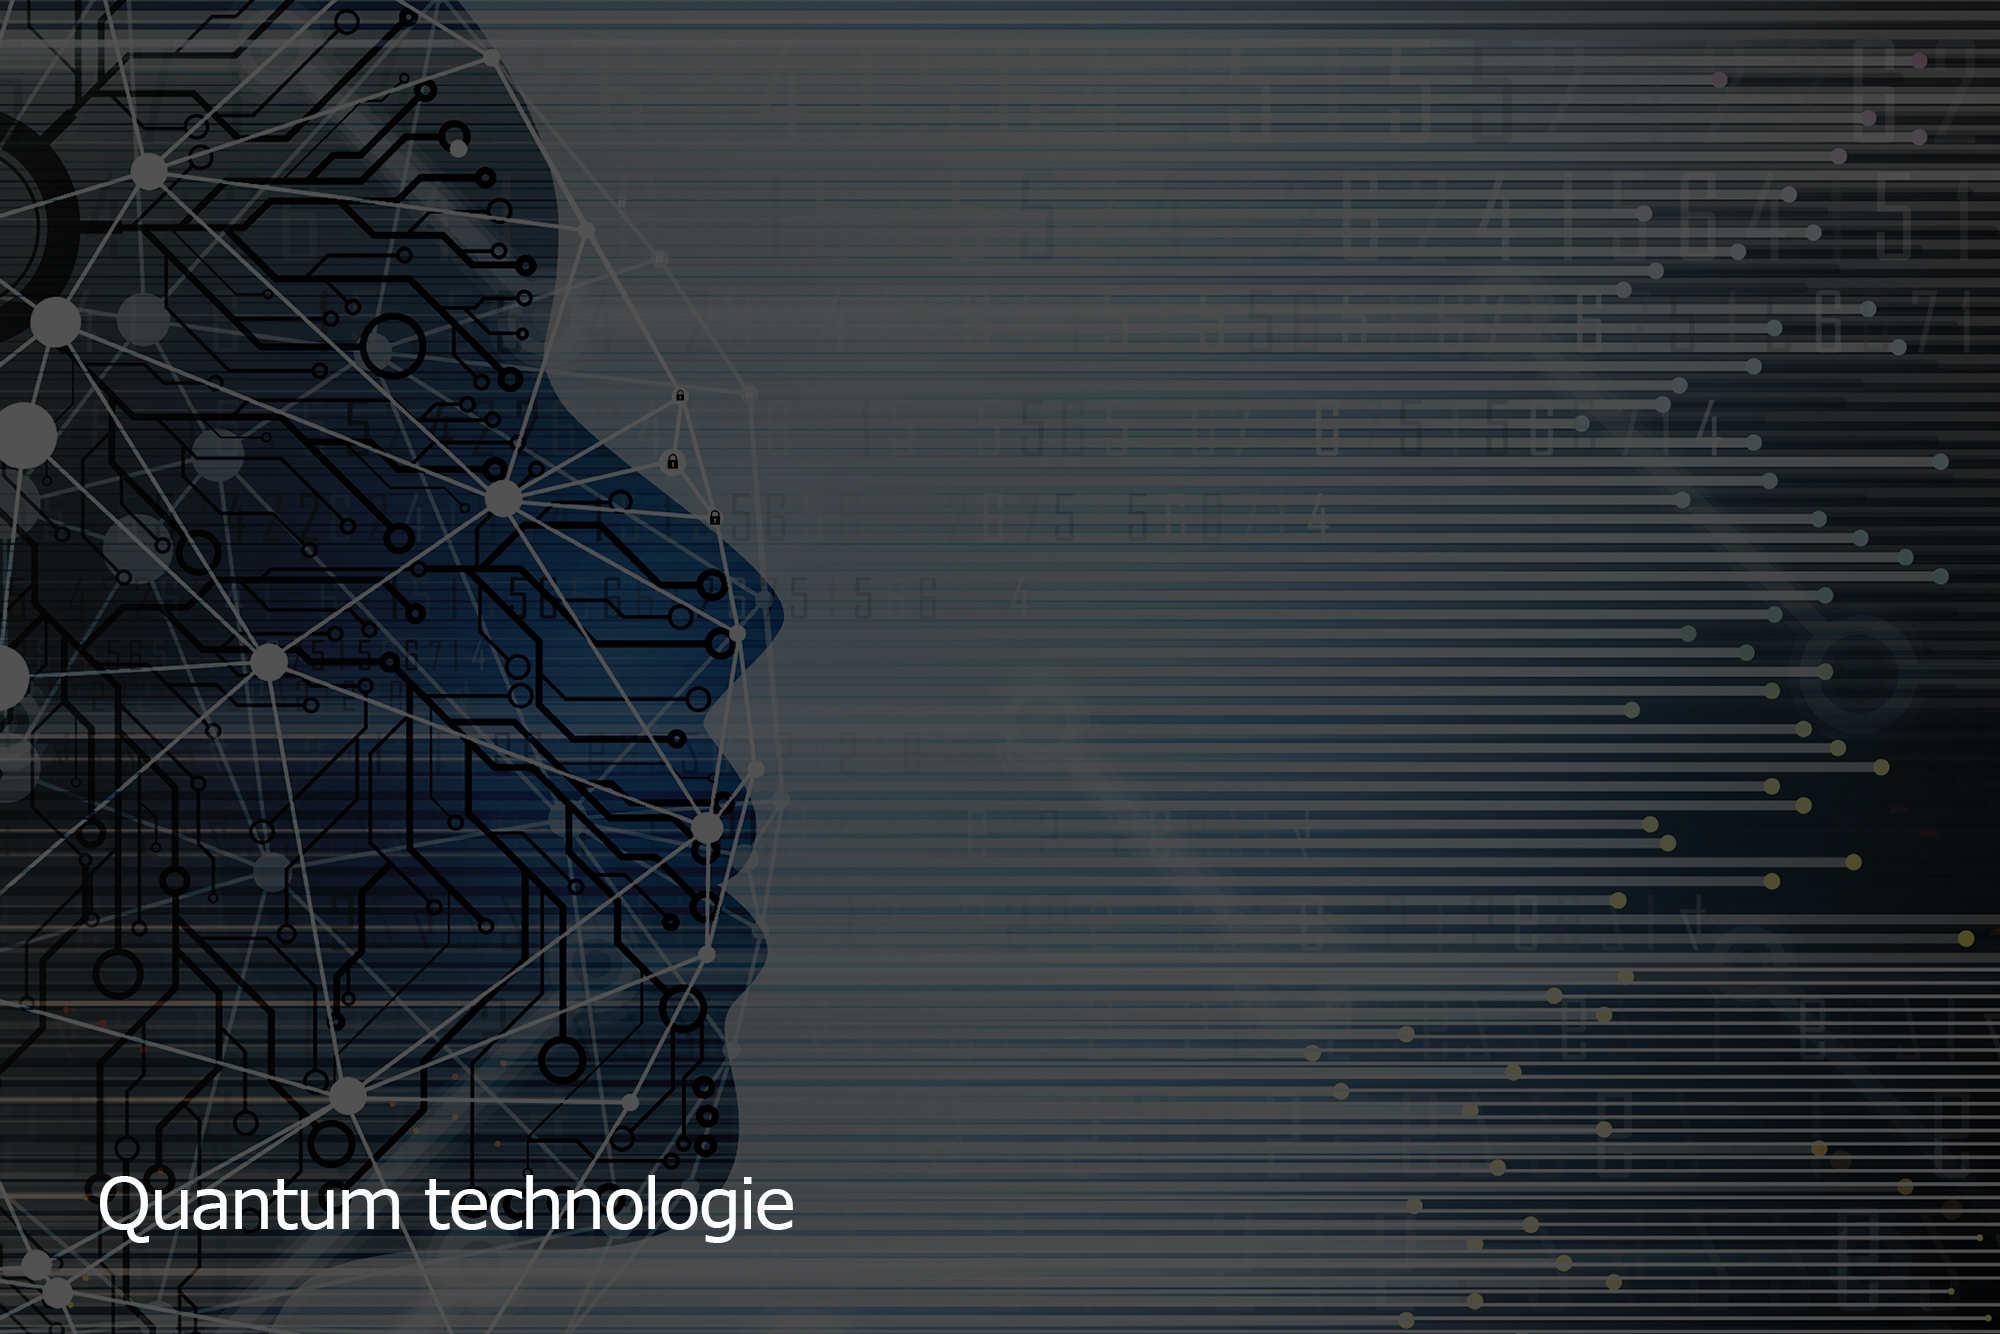 Quantum technologie